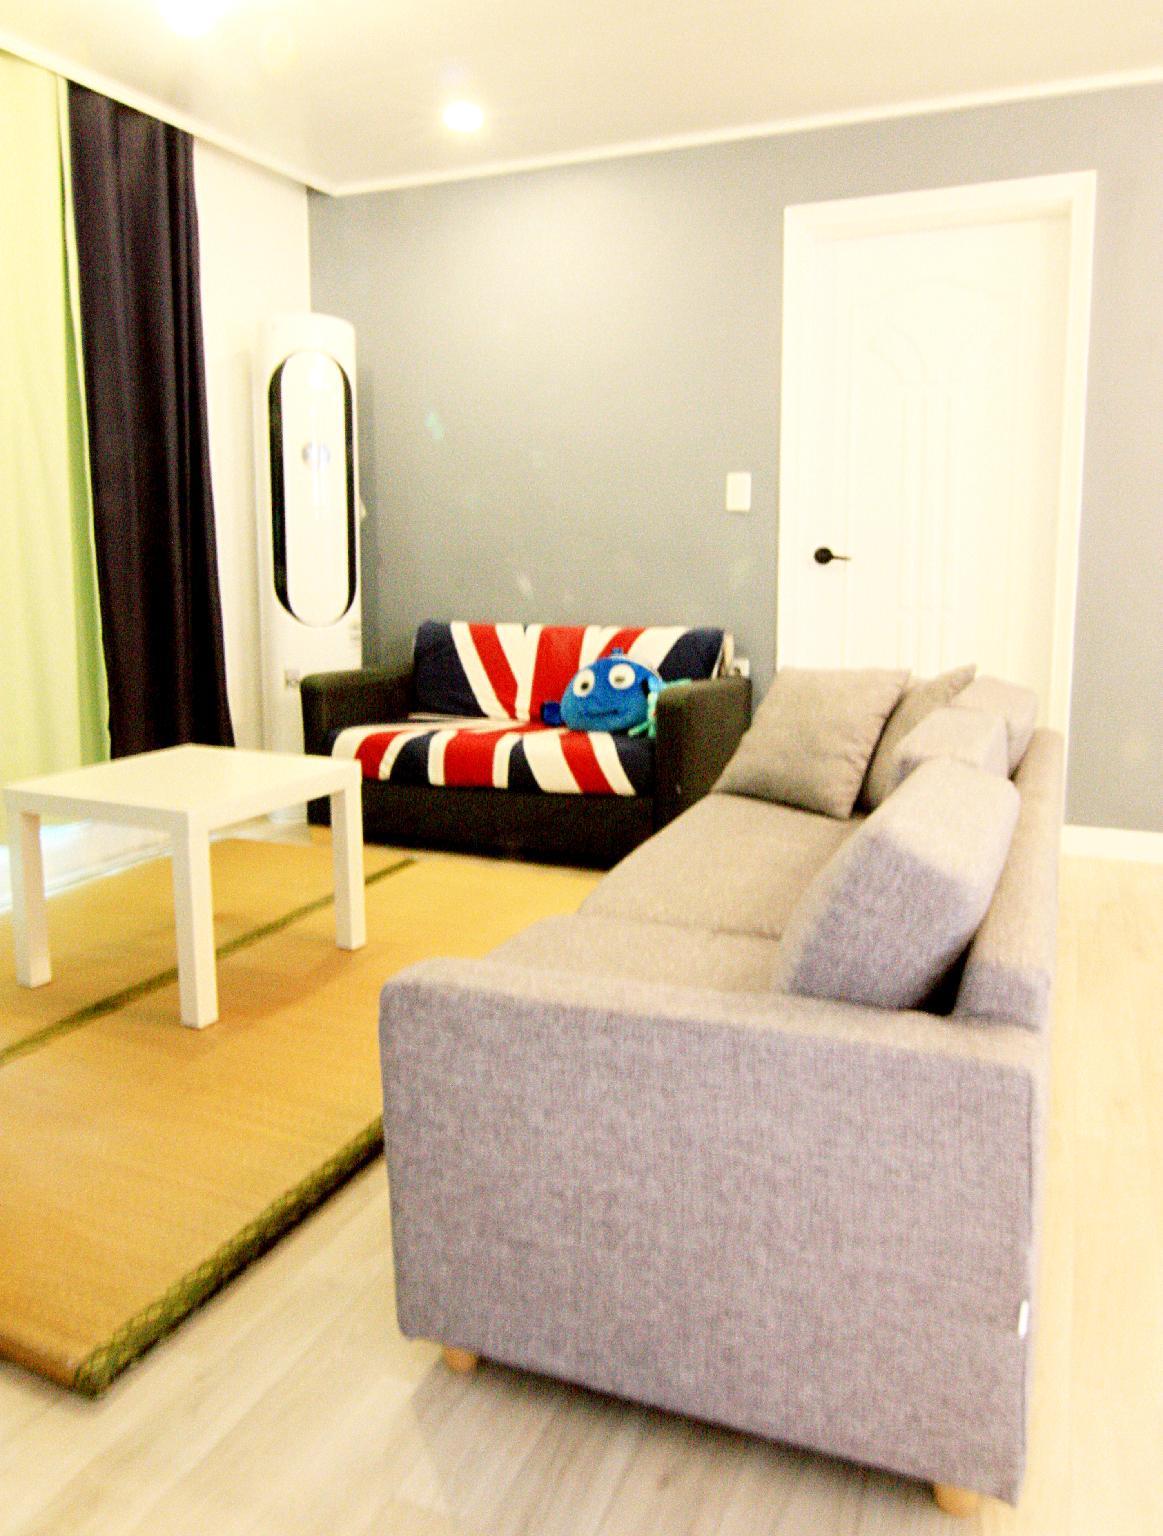 Kangs Apartment